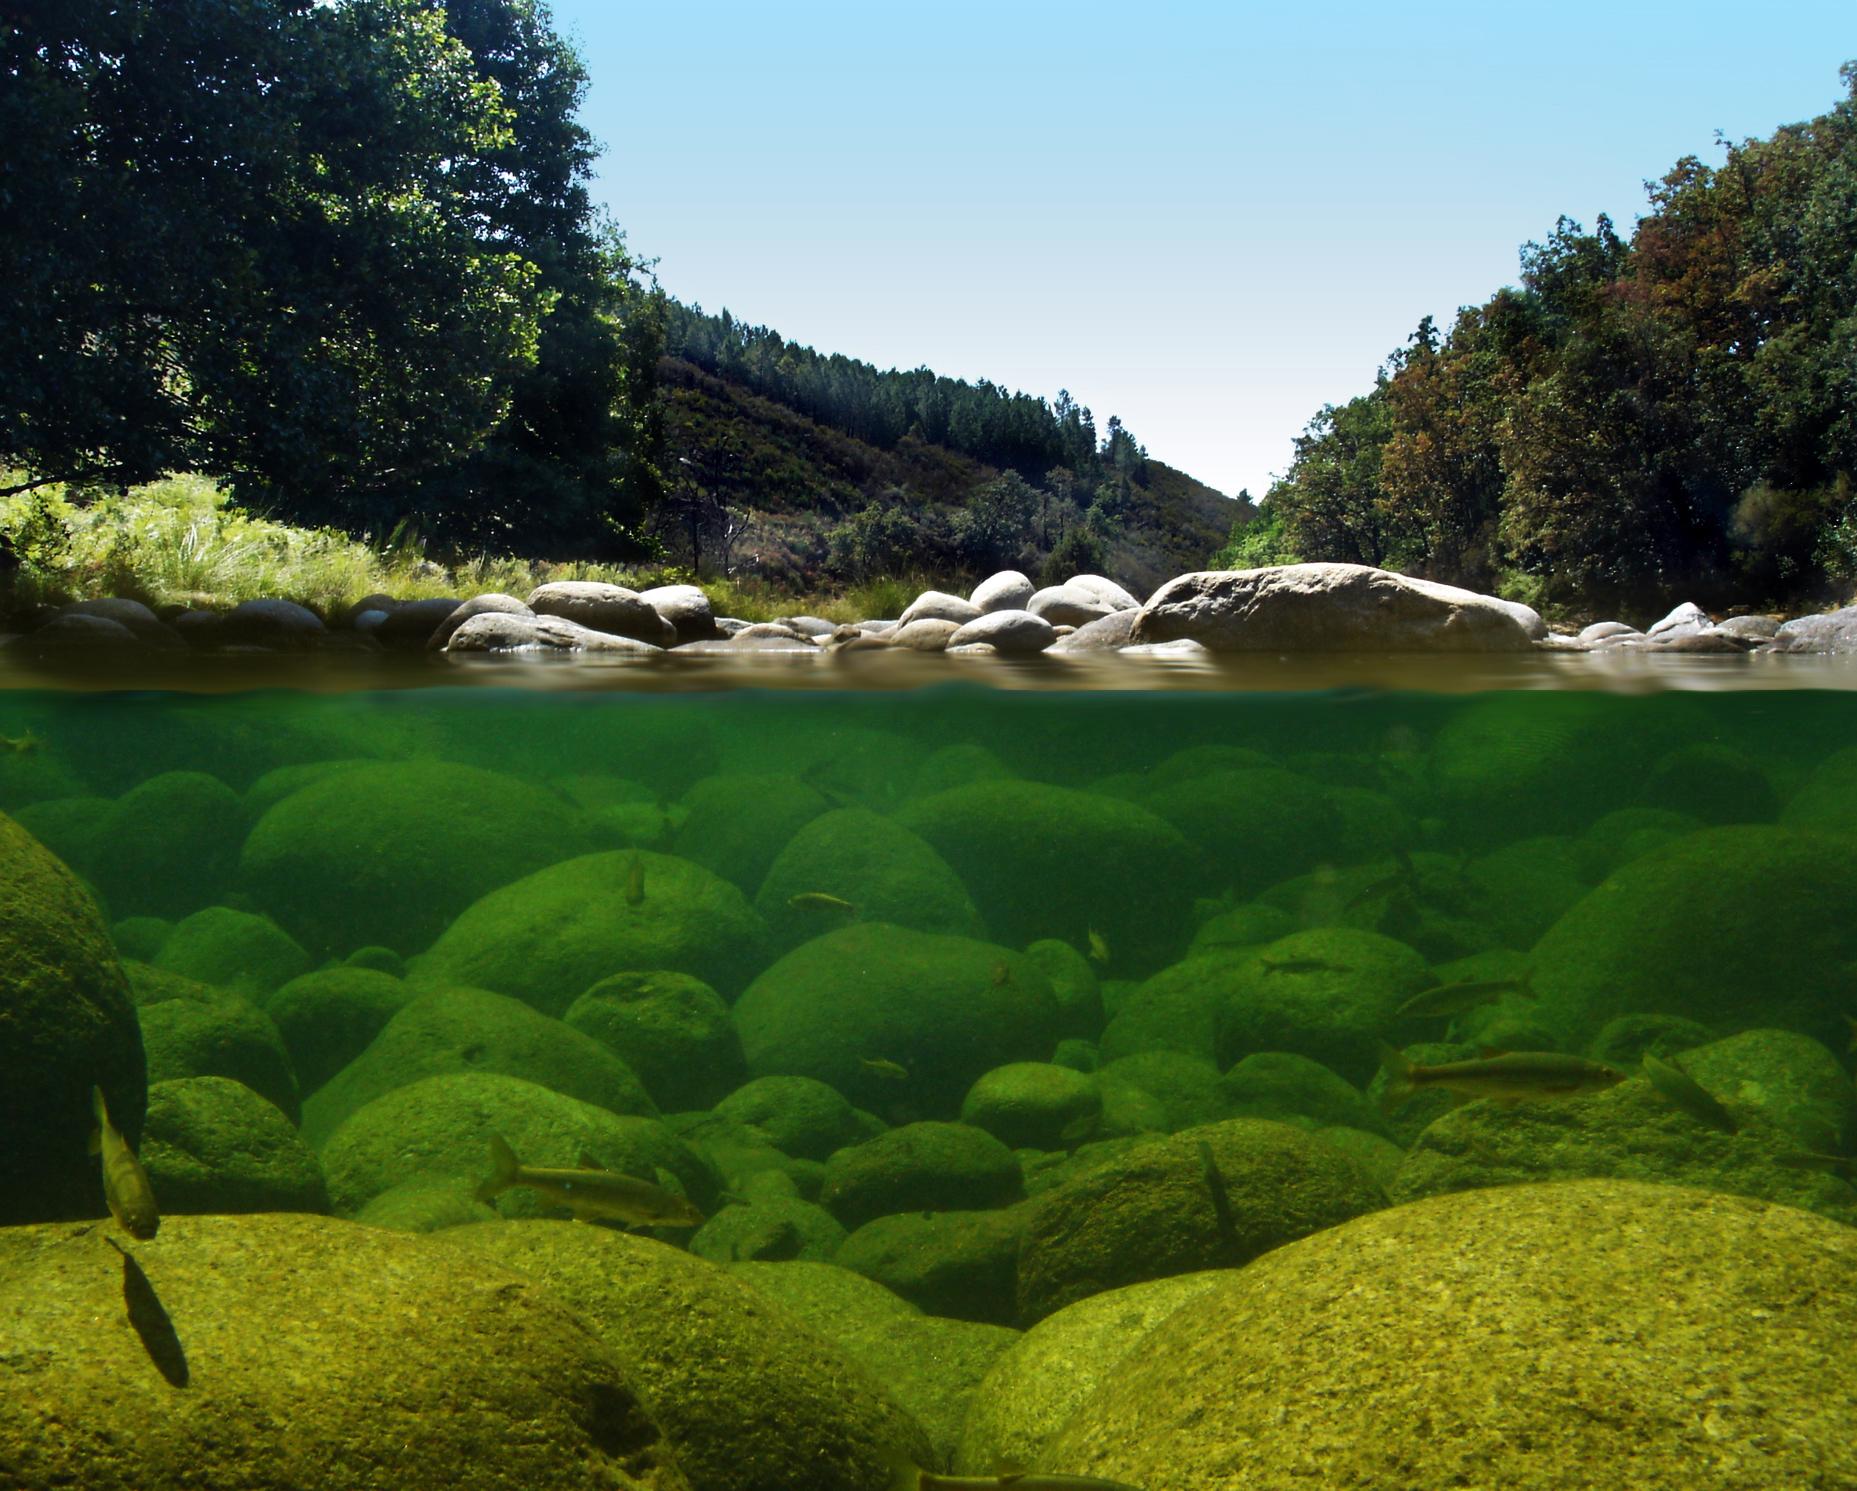 Los pececitos disfrutan del agua cristalina, en La Vera. Foto: Sergio Mestre.